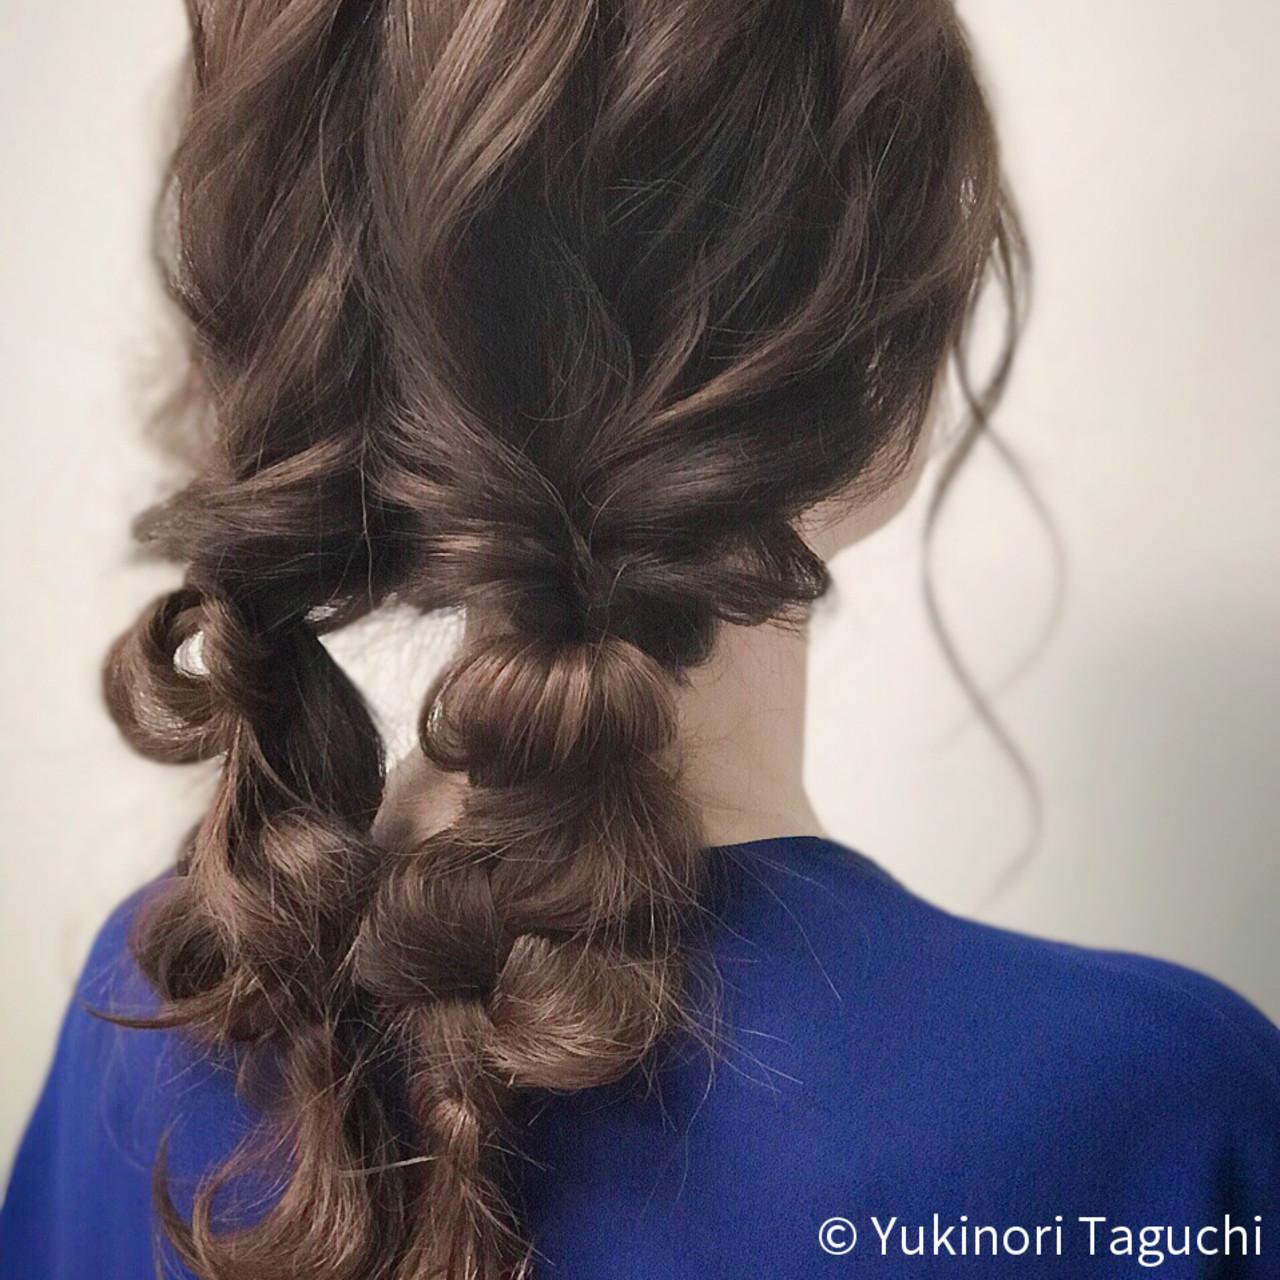 巻き髪 デート ヘアカラー セミロング ヘアスタイルや髪型の写真・画像